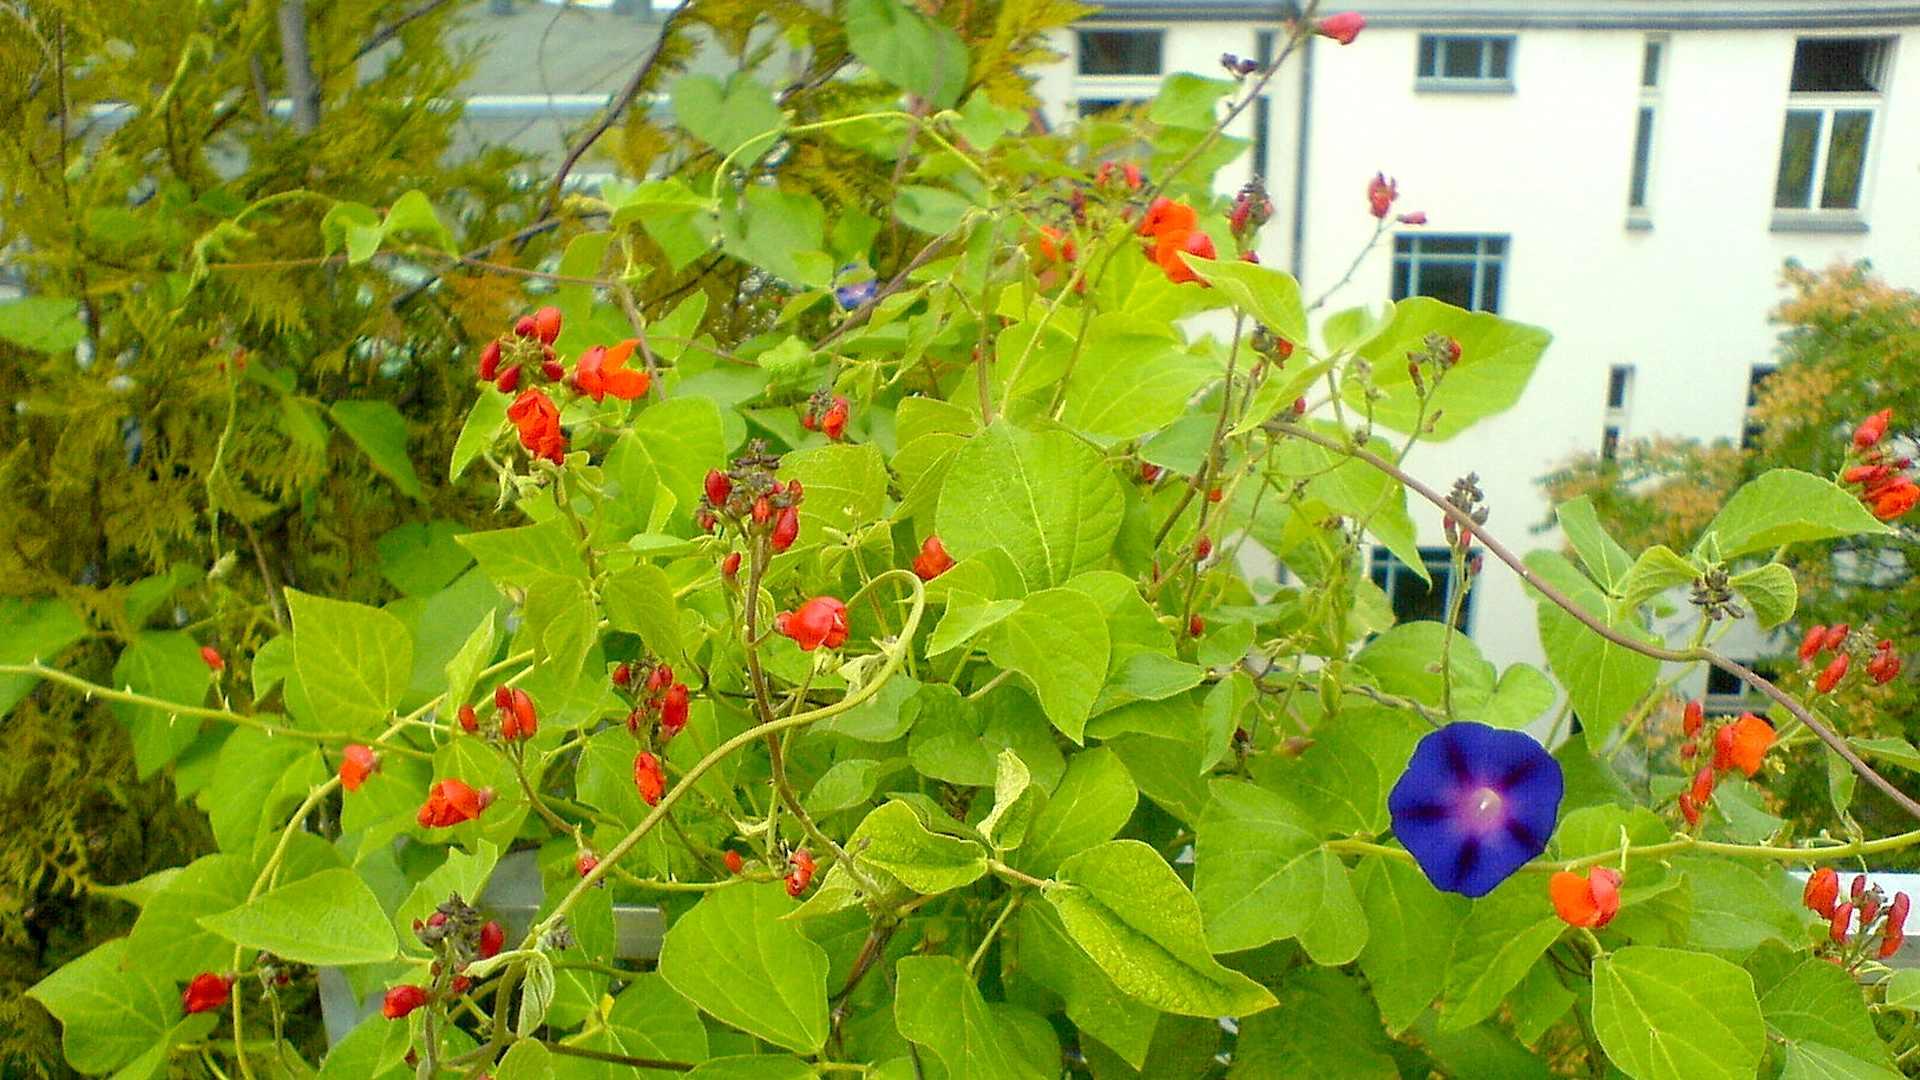 balkongarten - gemüse selbst anbauen - gartennatur